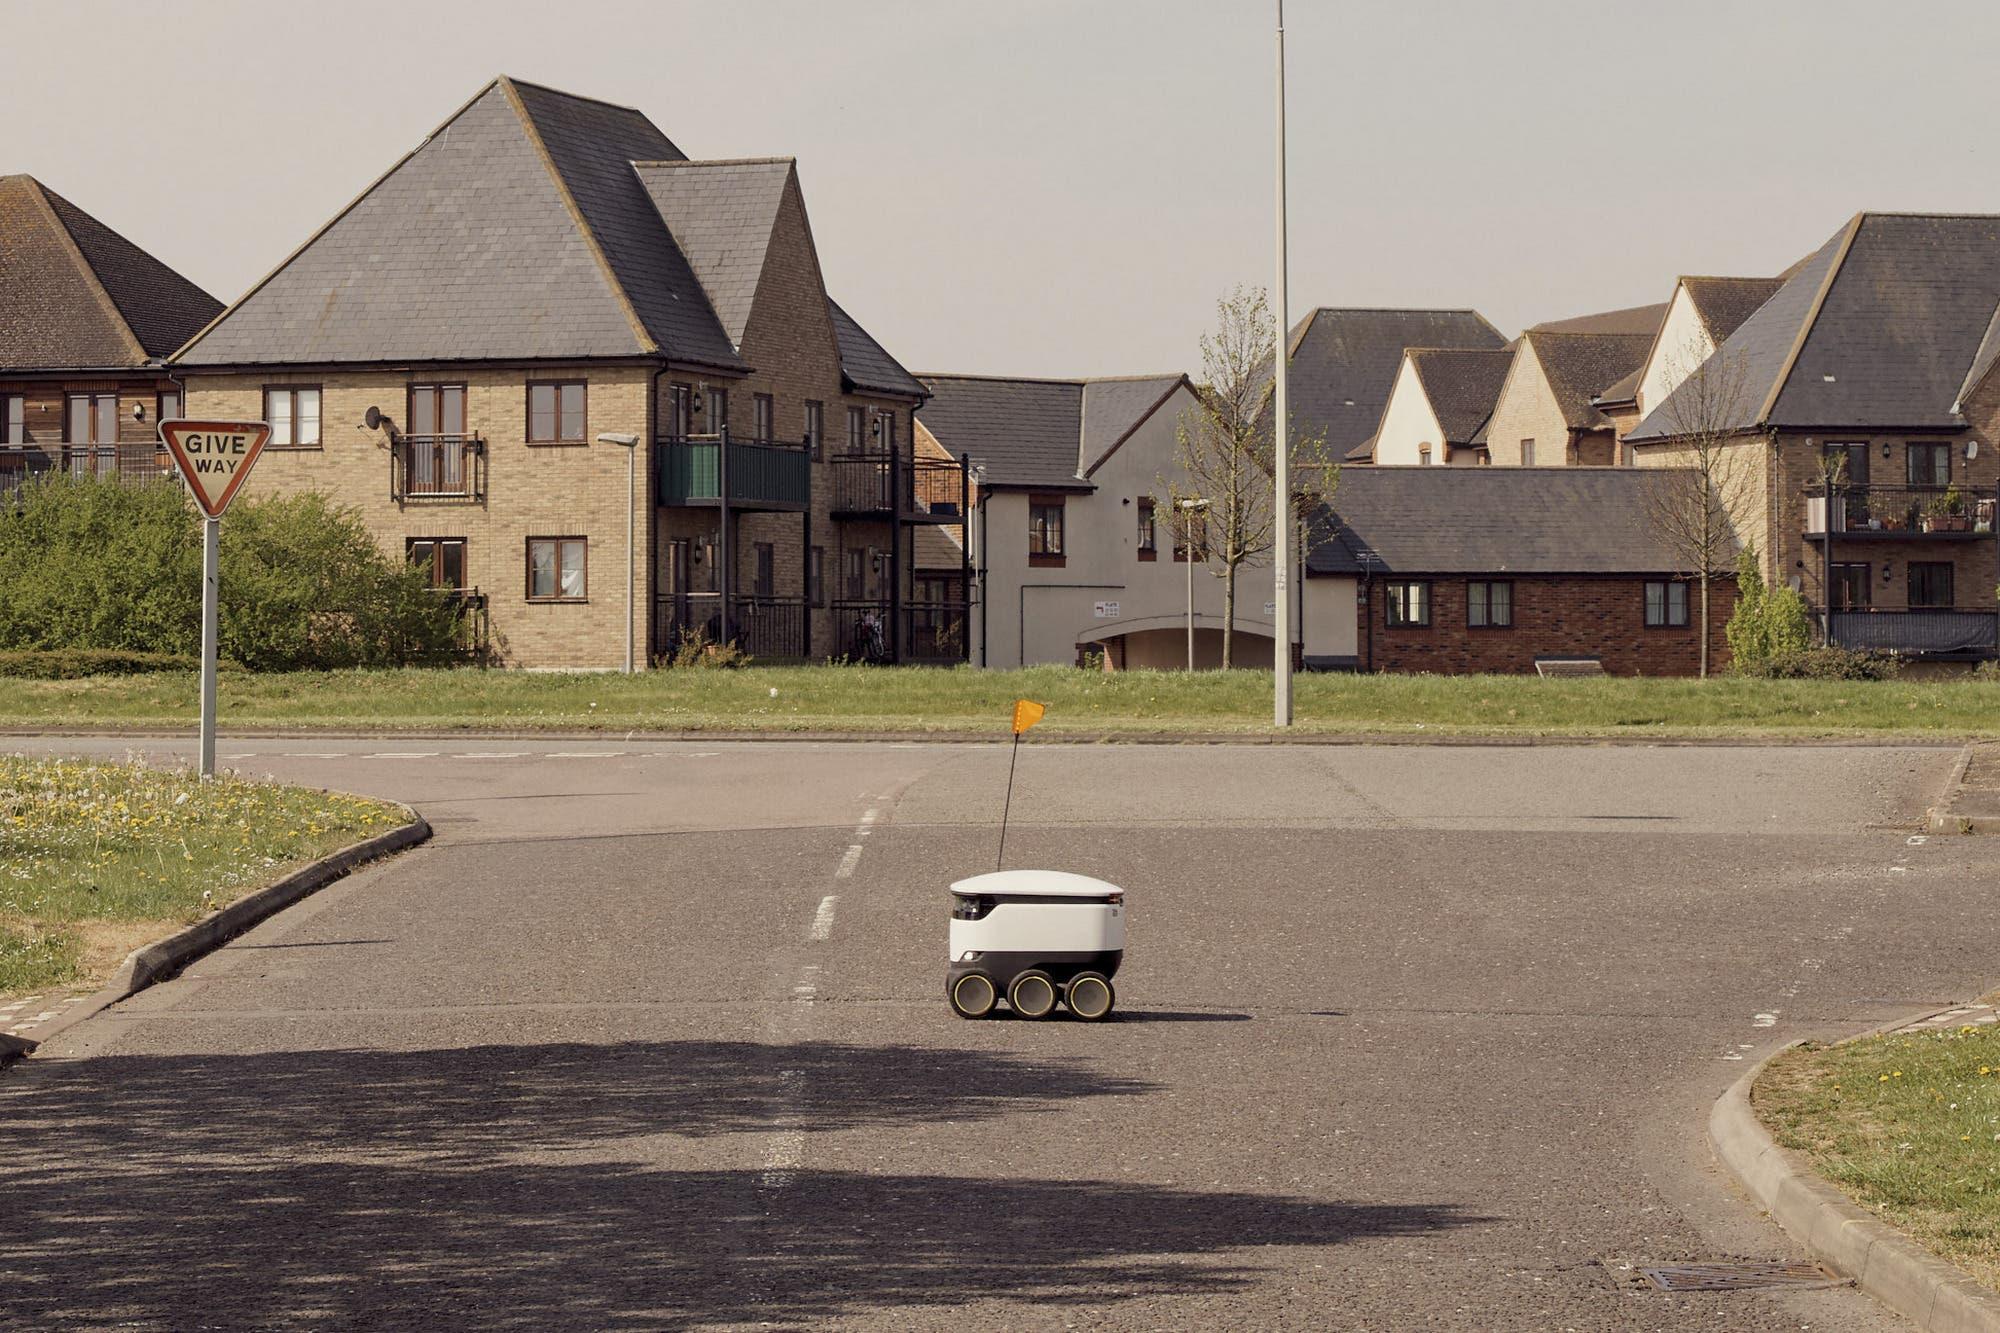 Los robots toman las calles vacías de Milton Keynes, una ciudad cerrada por el coronavirus